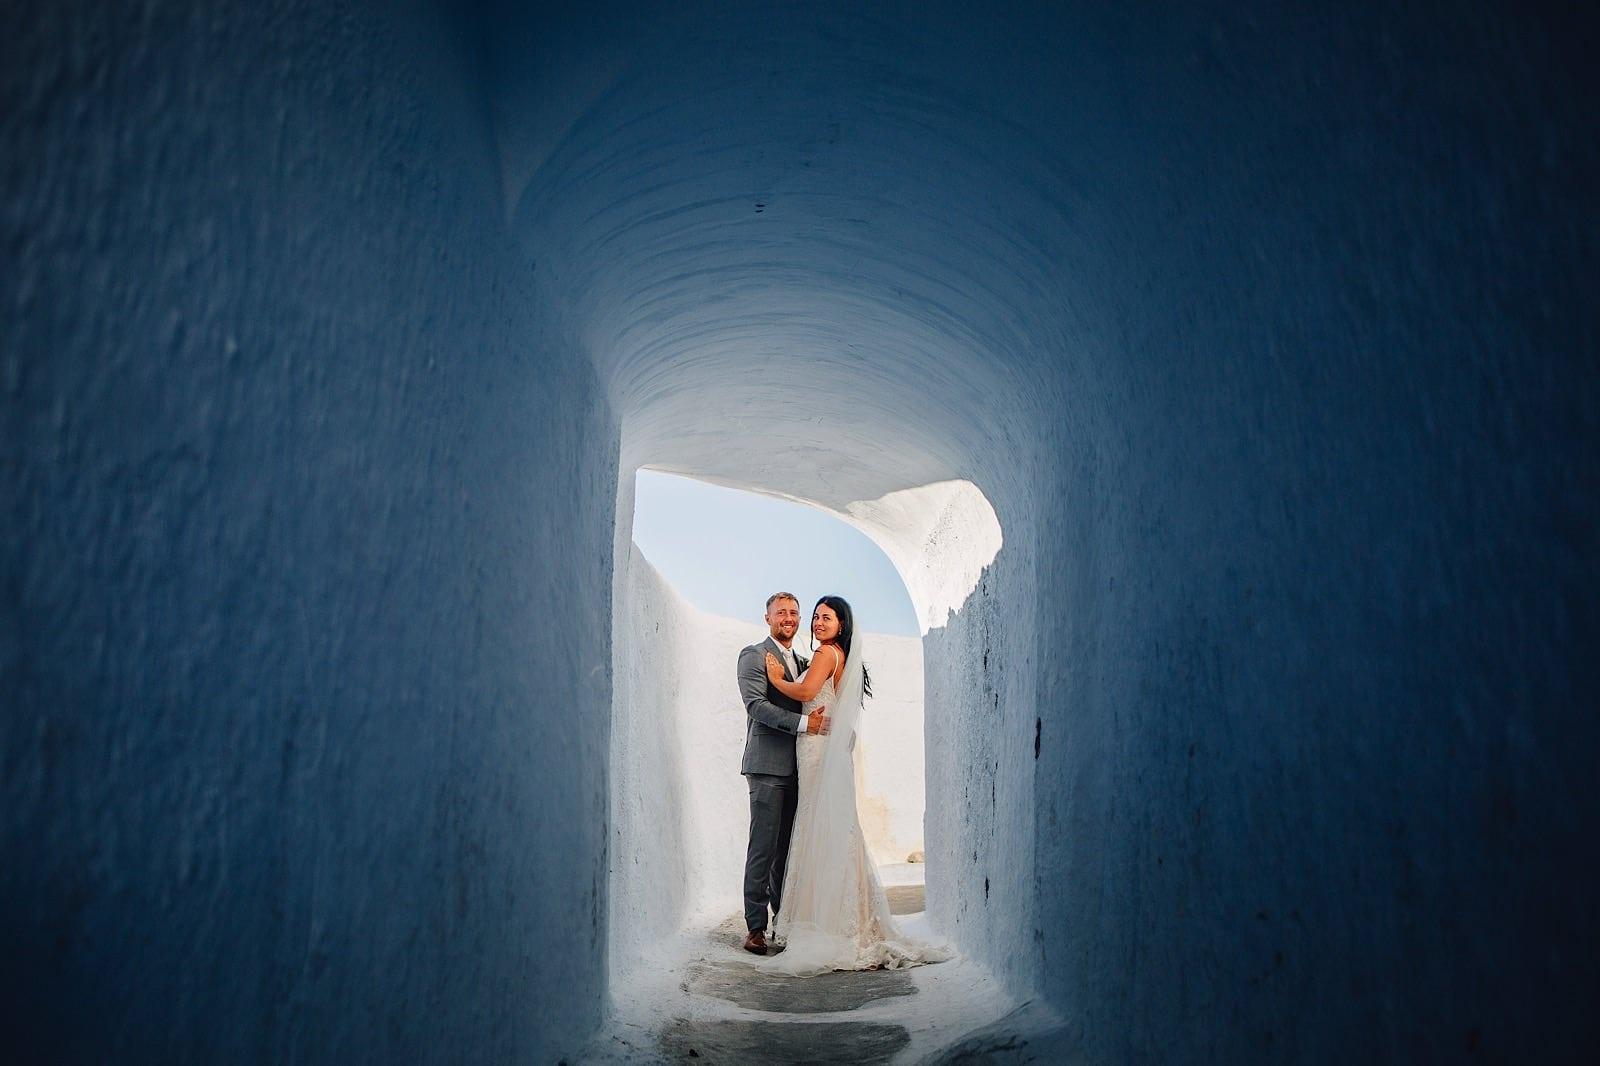 best-wedding-photography-warwickshire-0006